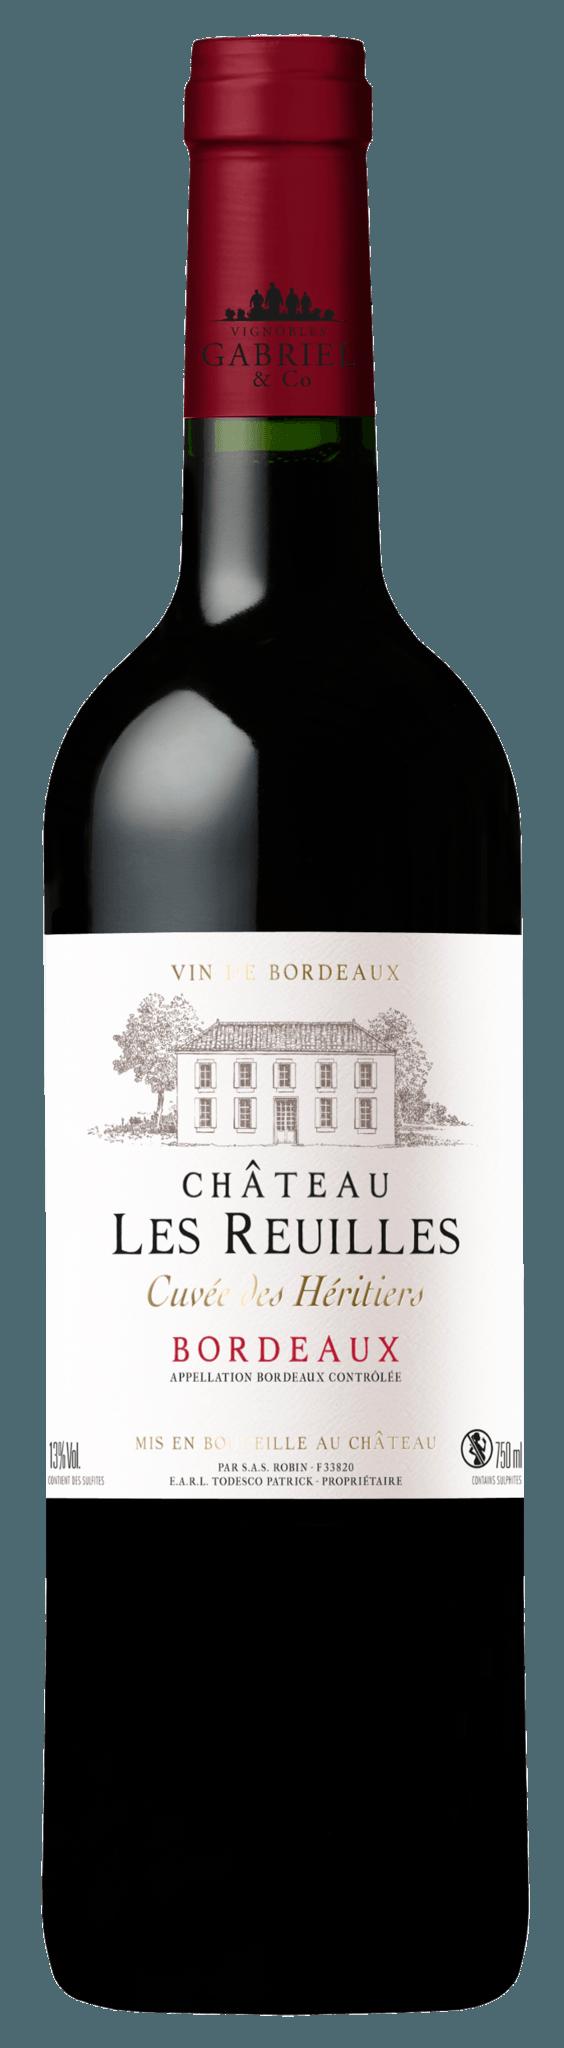 Château Les Reuilles